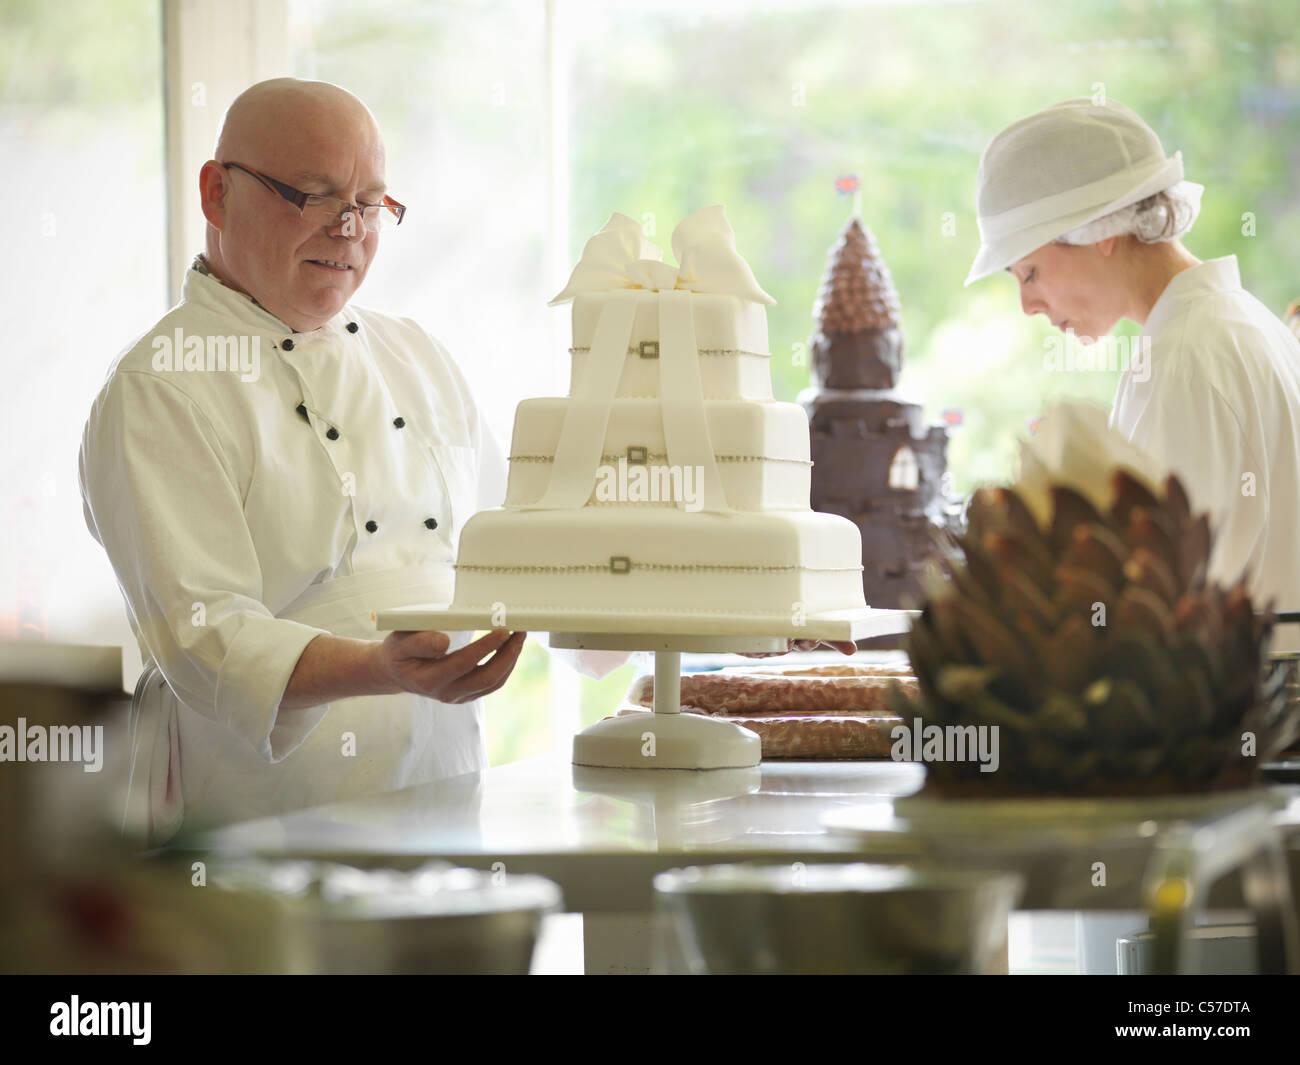 Baker checking decorative wedding cake - Stock Image